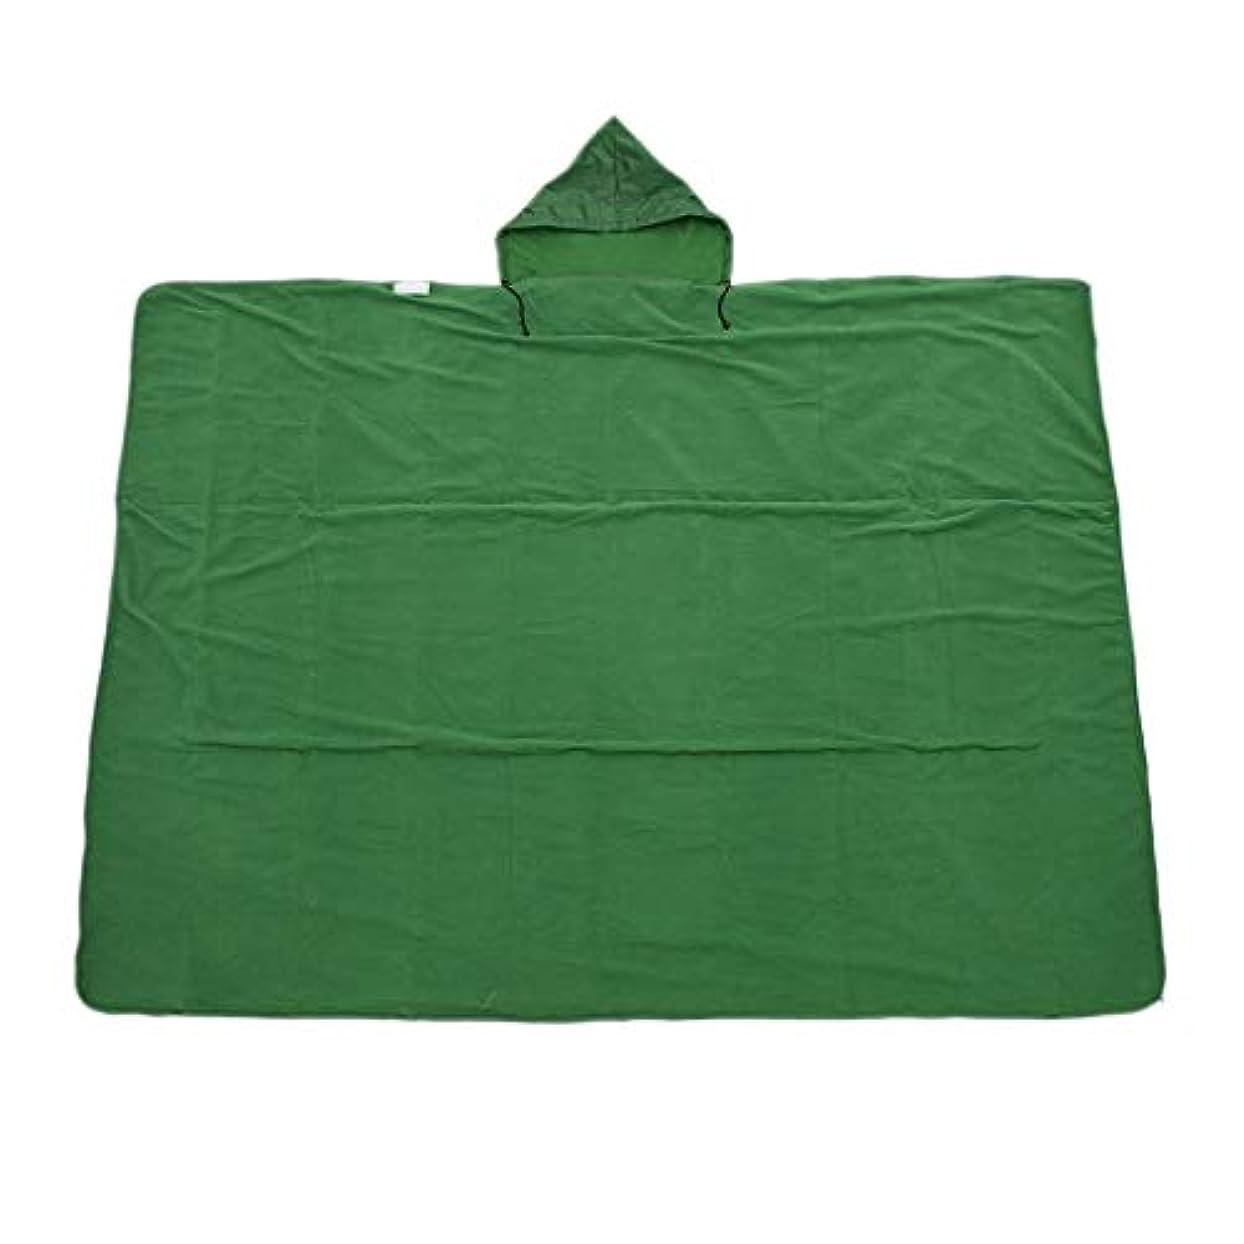 地下室主婦北東Perfk アウトドア 旅行 キャンプ スリーピングバッグライナー 寝袋ブランケット マット レインケープ 収納バッグ付き 全5色